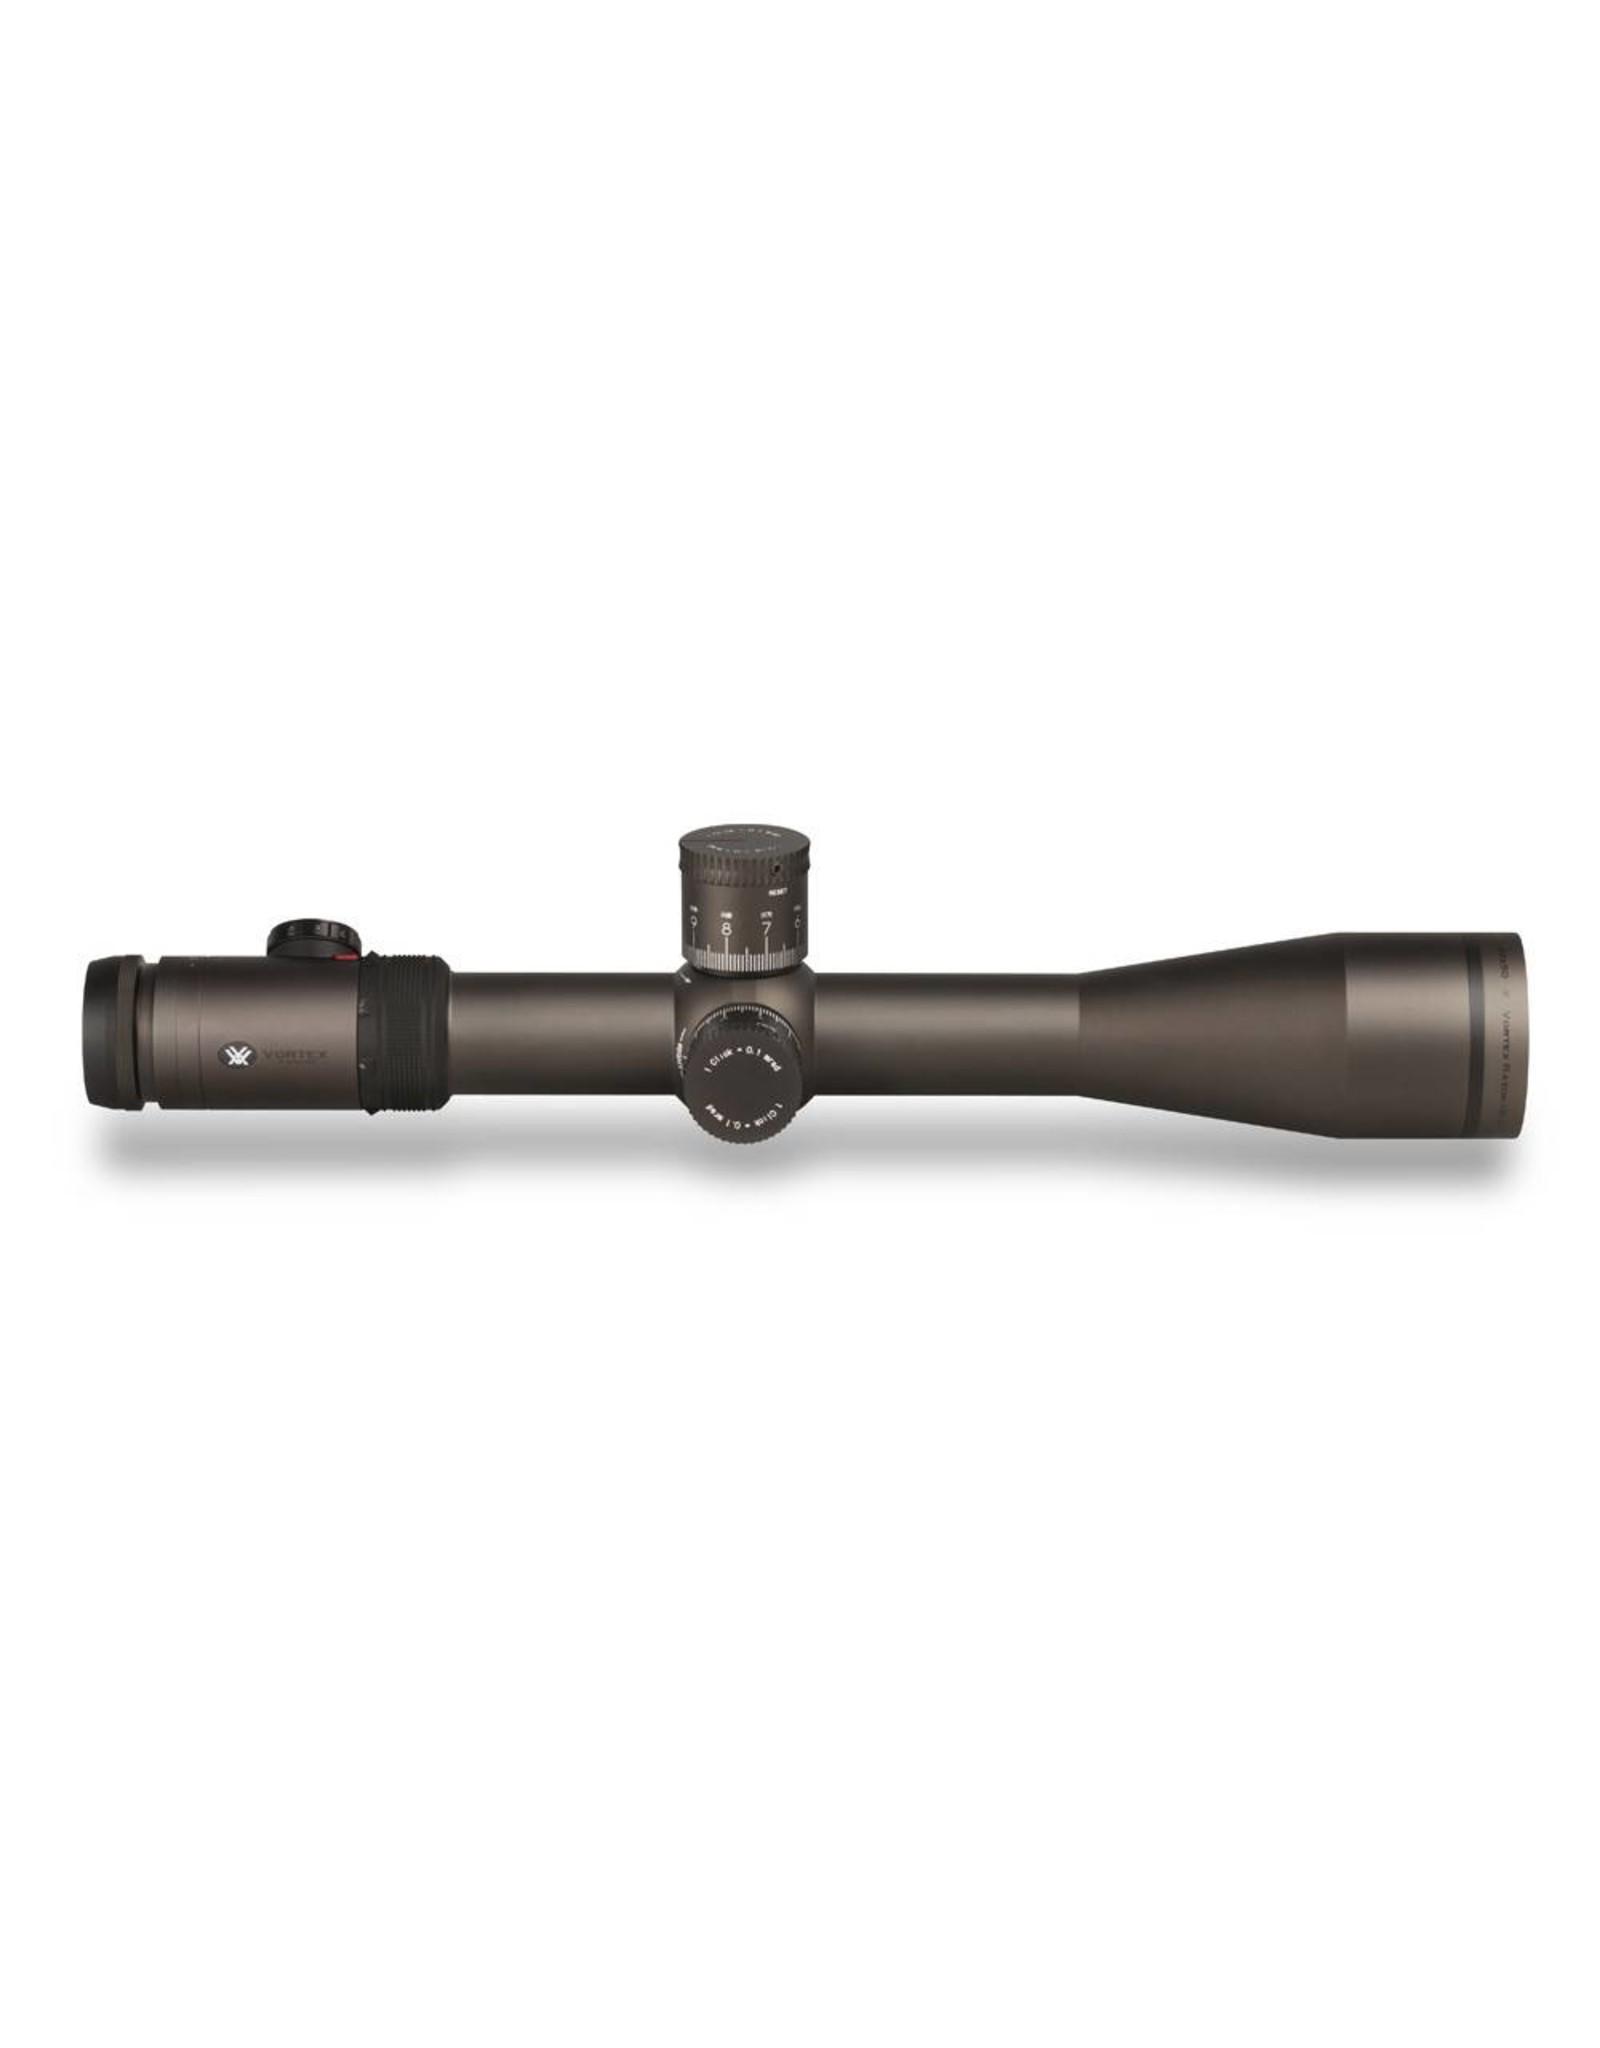 Vortex Vortex Razor HD 5-20x50 FFP EBR-2B (10 MRAD Turrets)